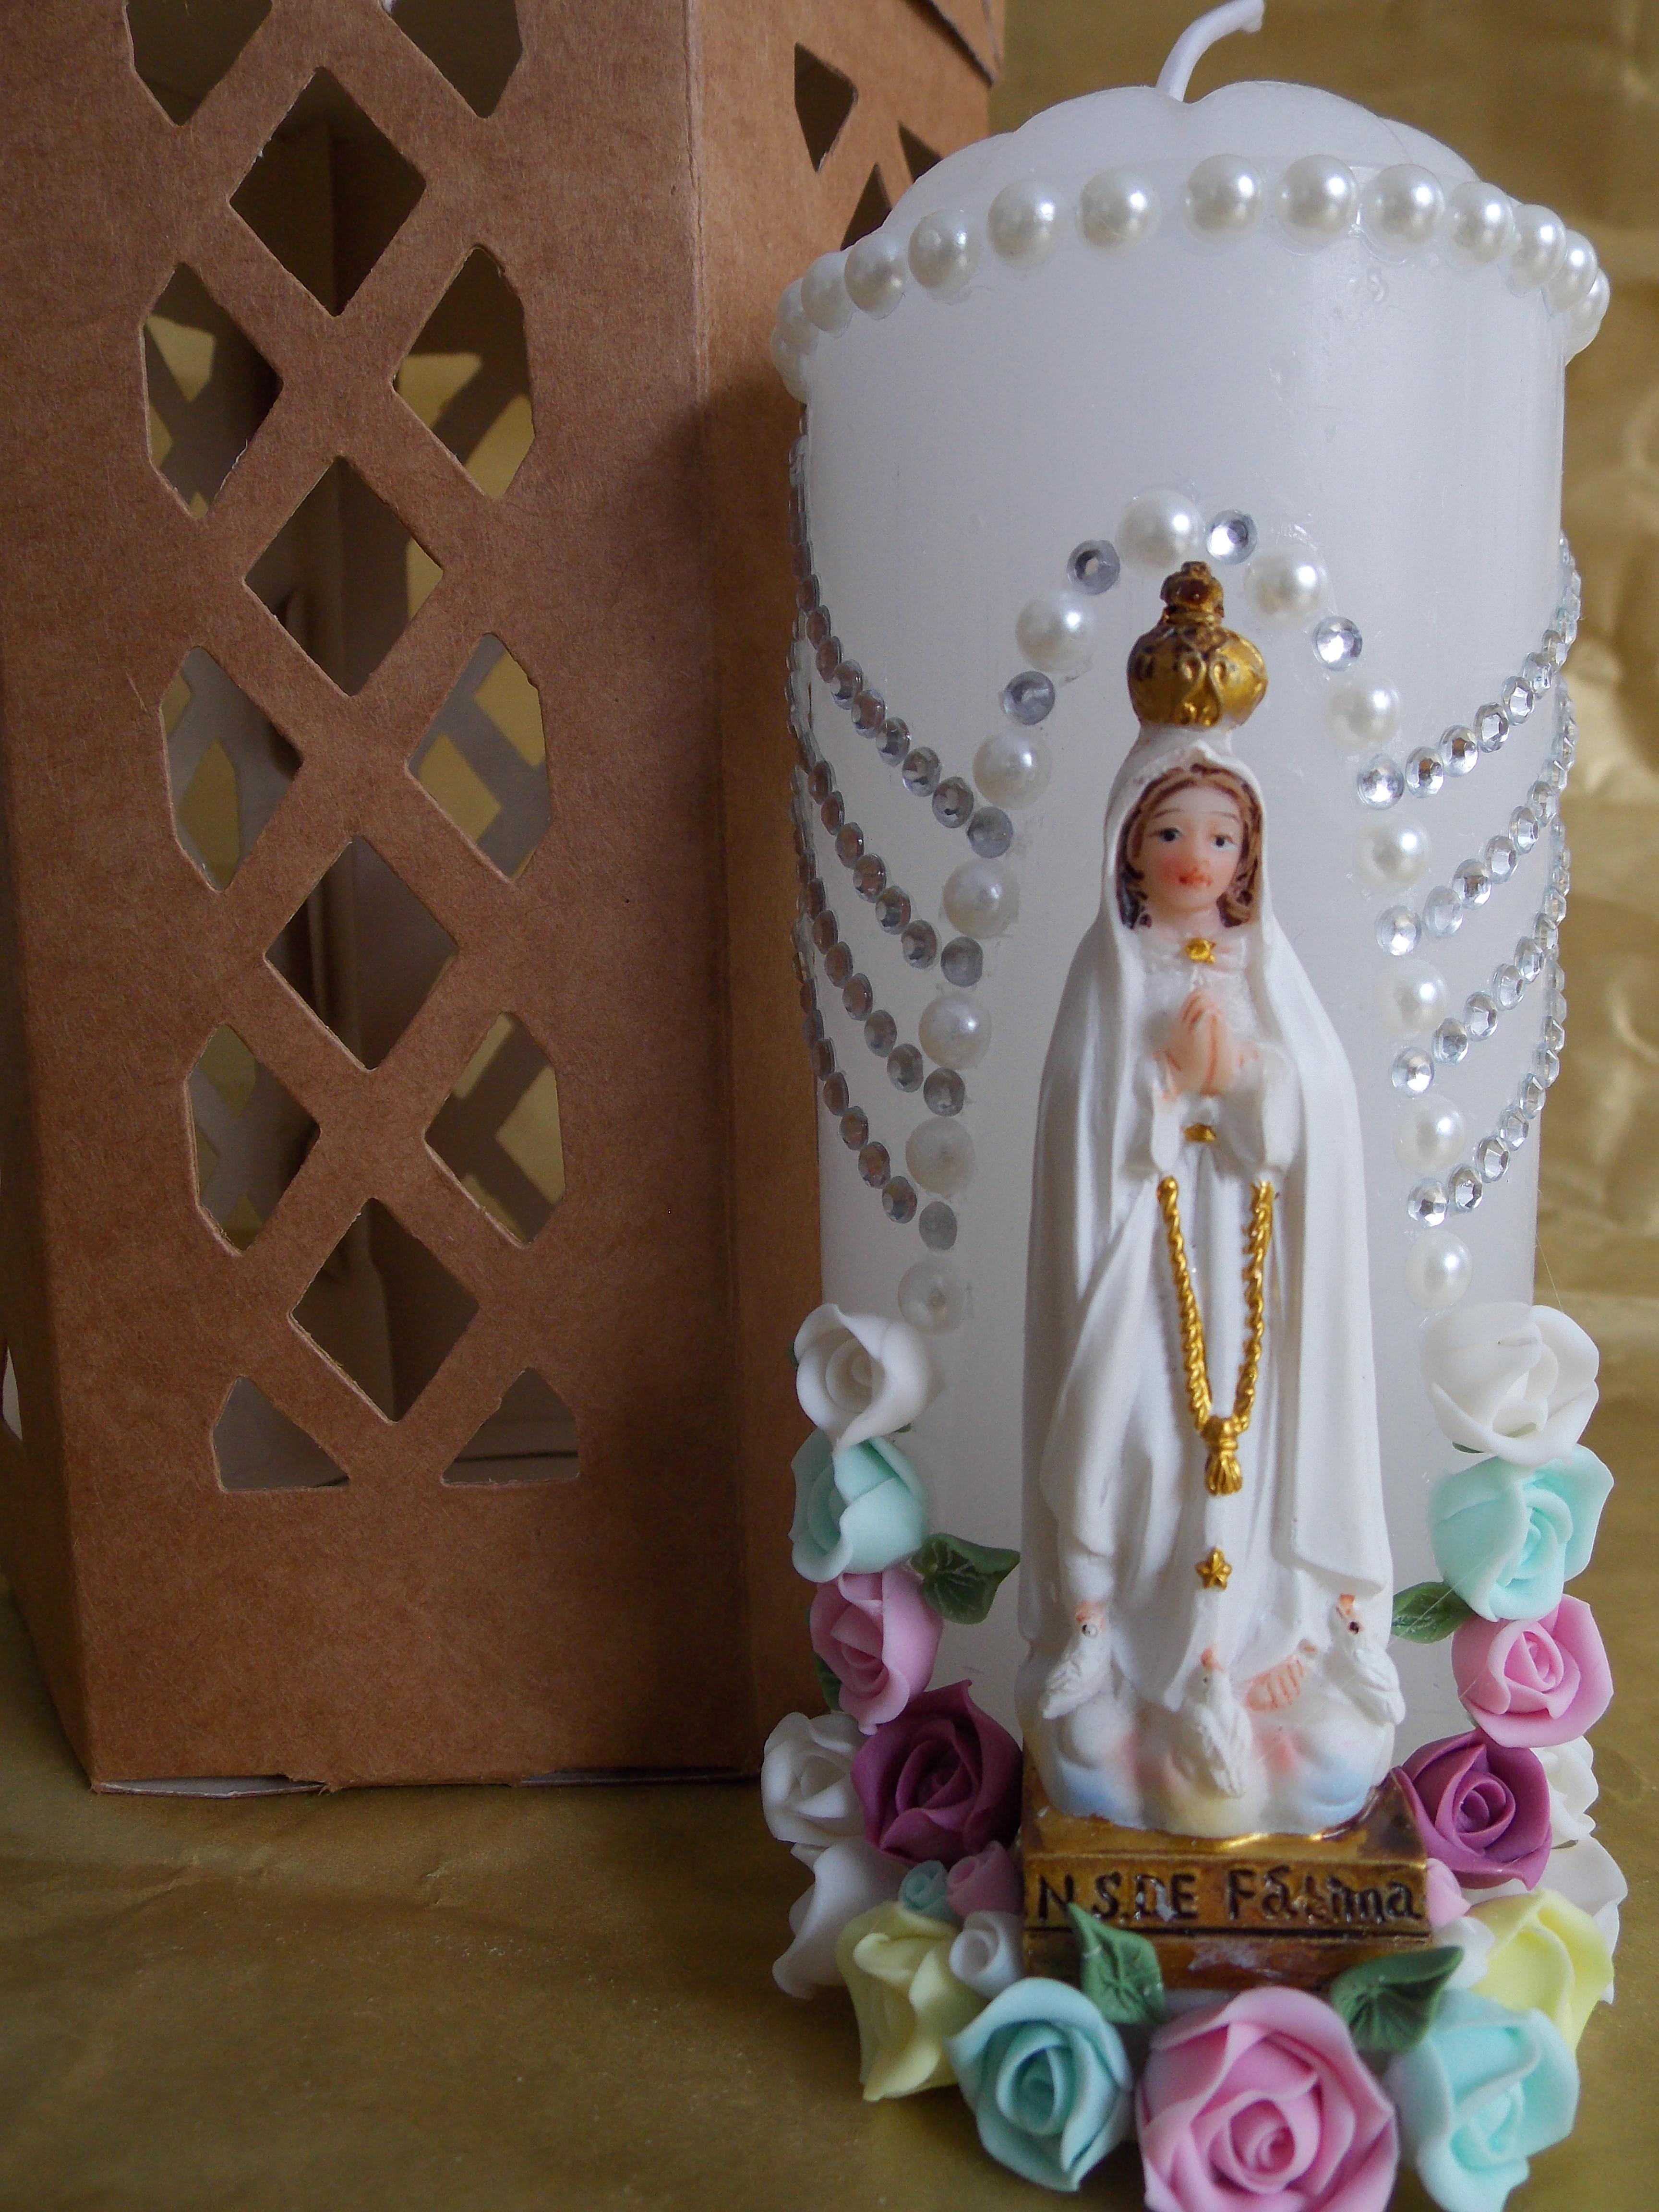 Velas decoradas com imagens religiosas monica barros barbosa mota elo7 - Figuras para decorar ...